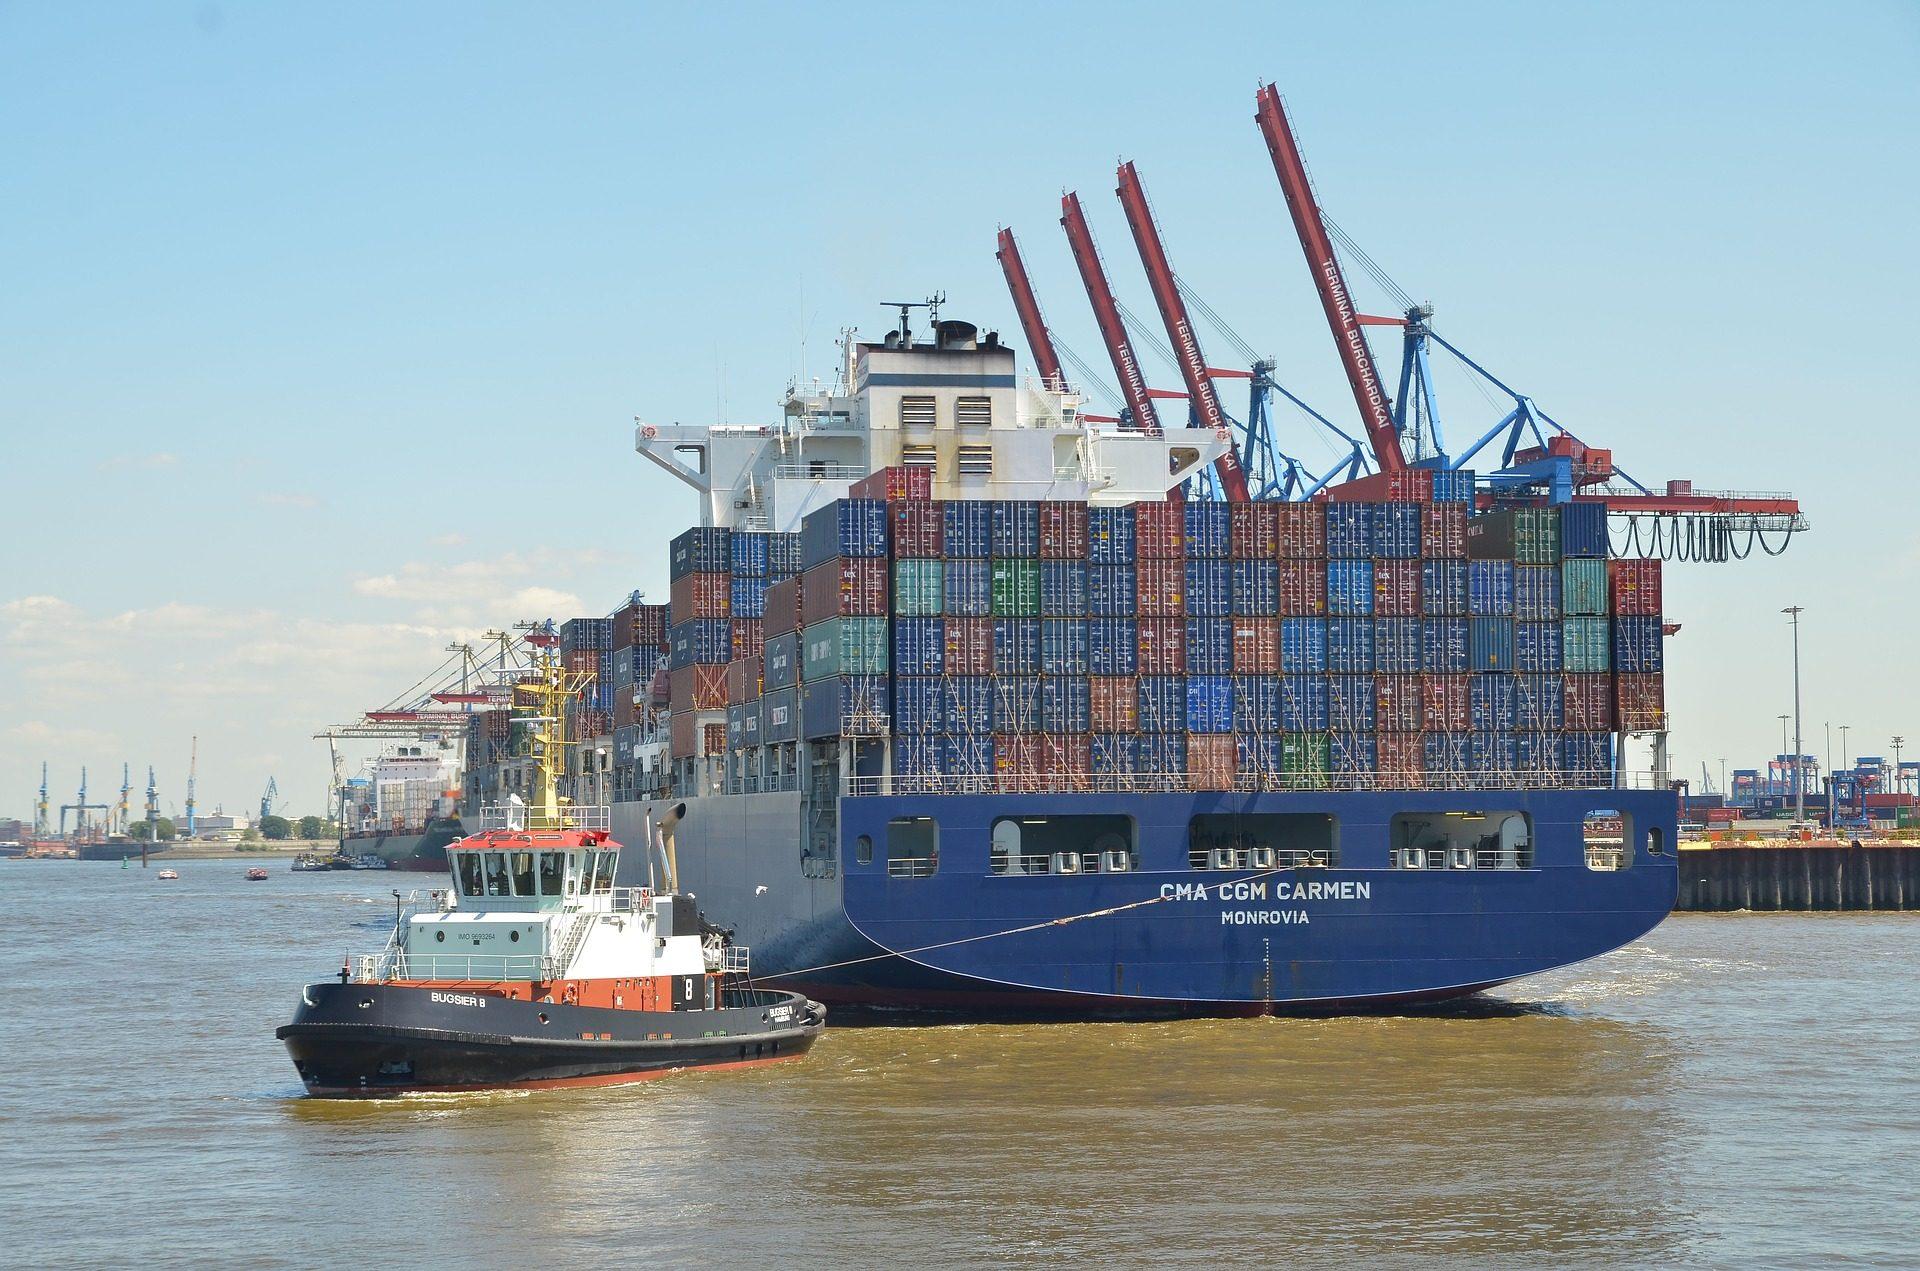 Boot, Frachter, Laden, Container, Handel, Hafen - Wallpaper HD - Prof.-falken.com